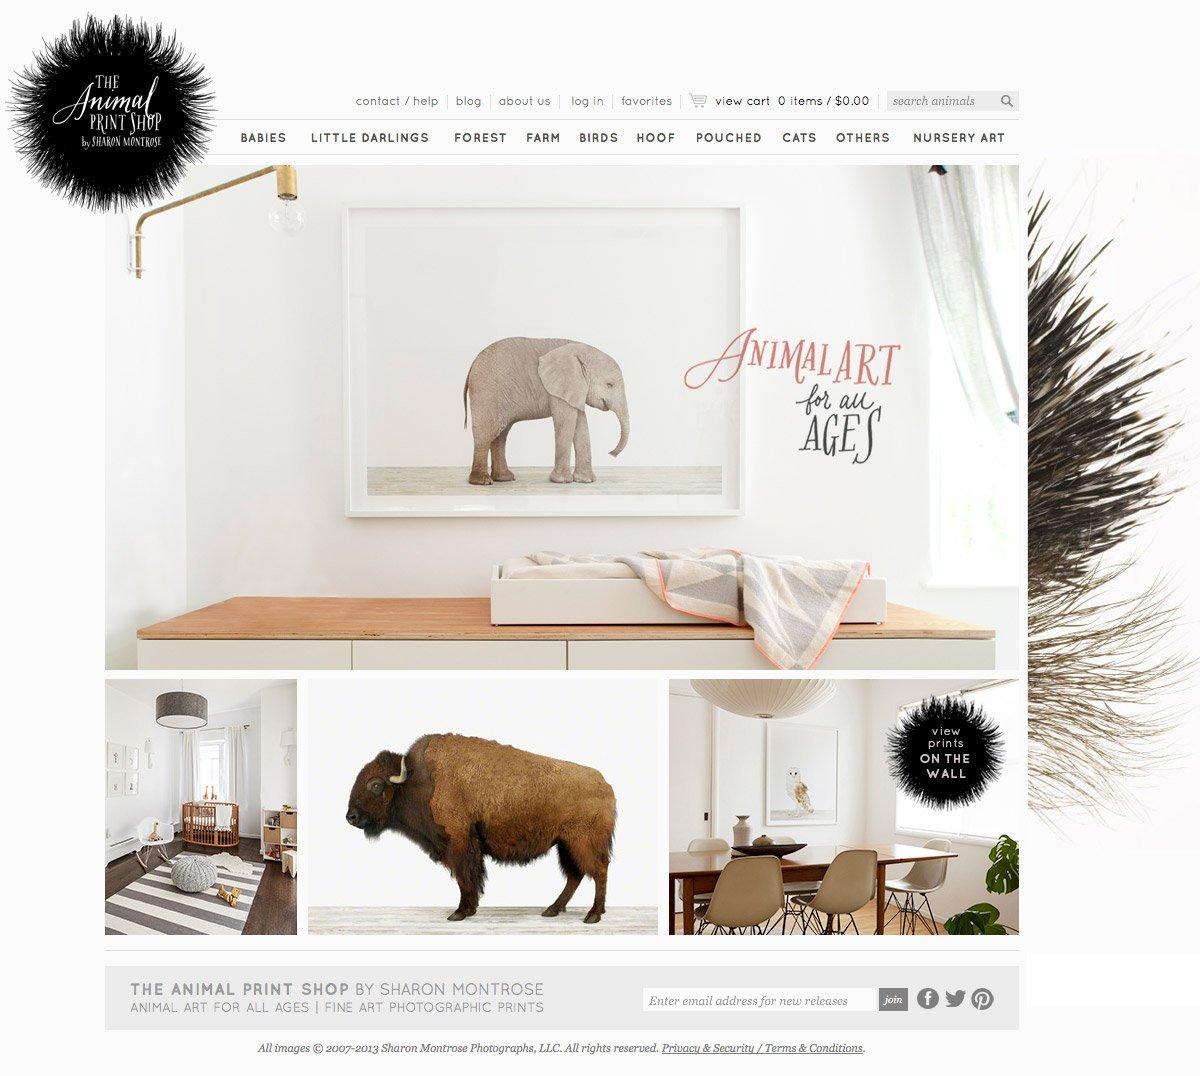 The Animal Print Shop